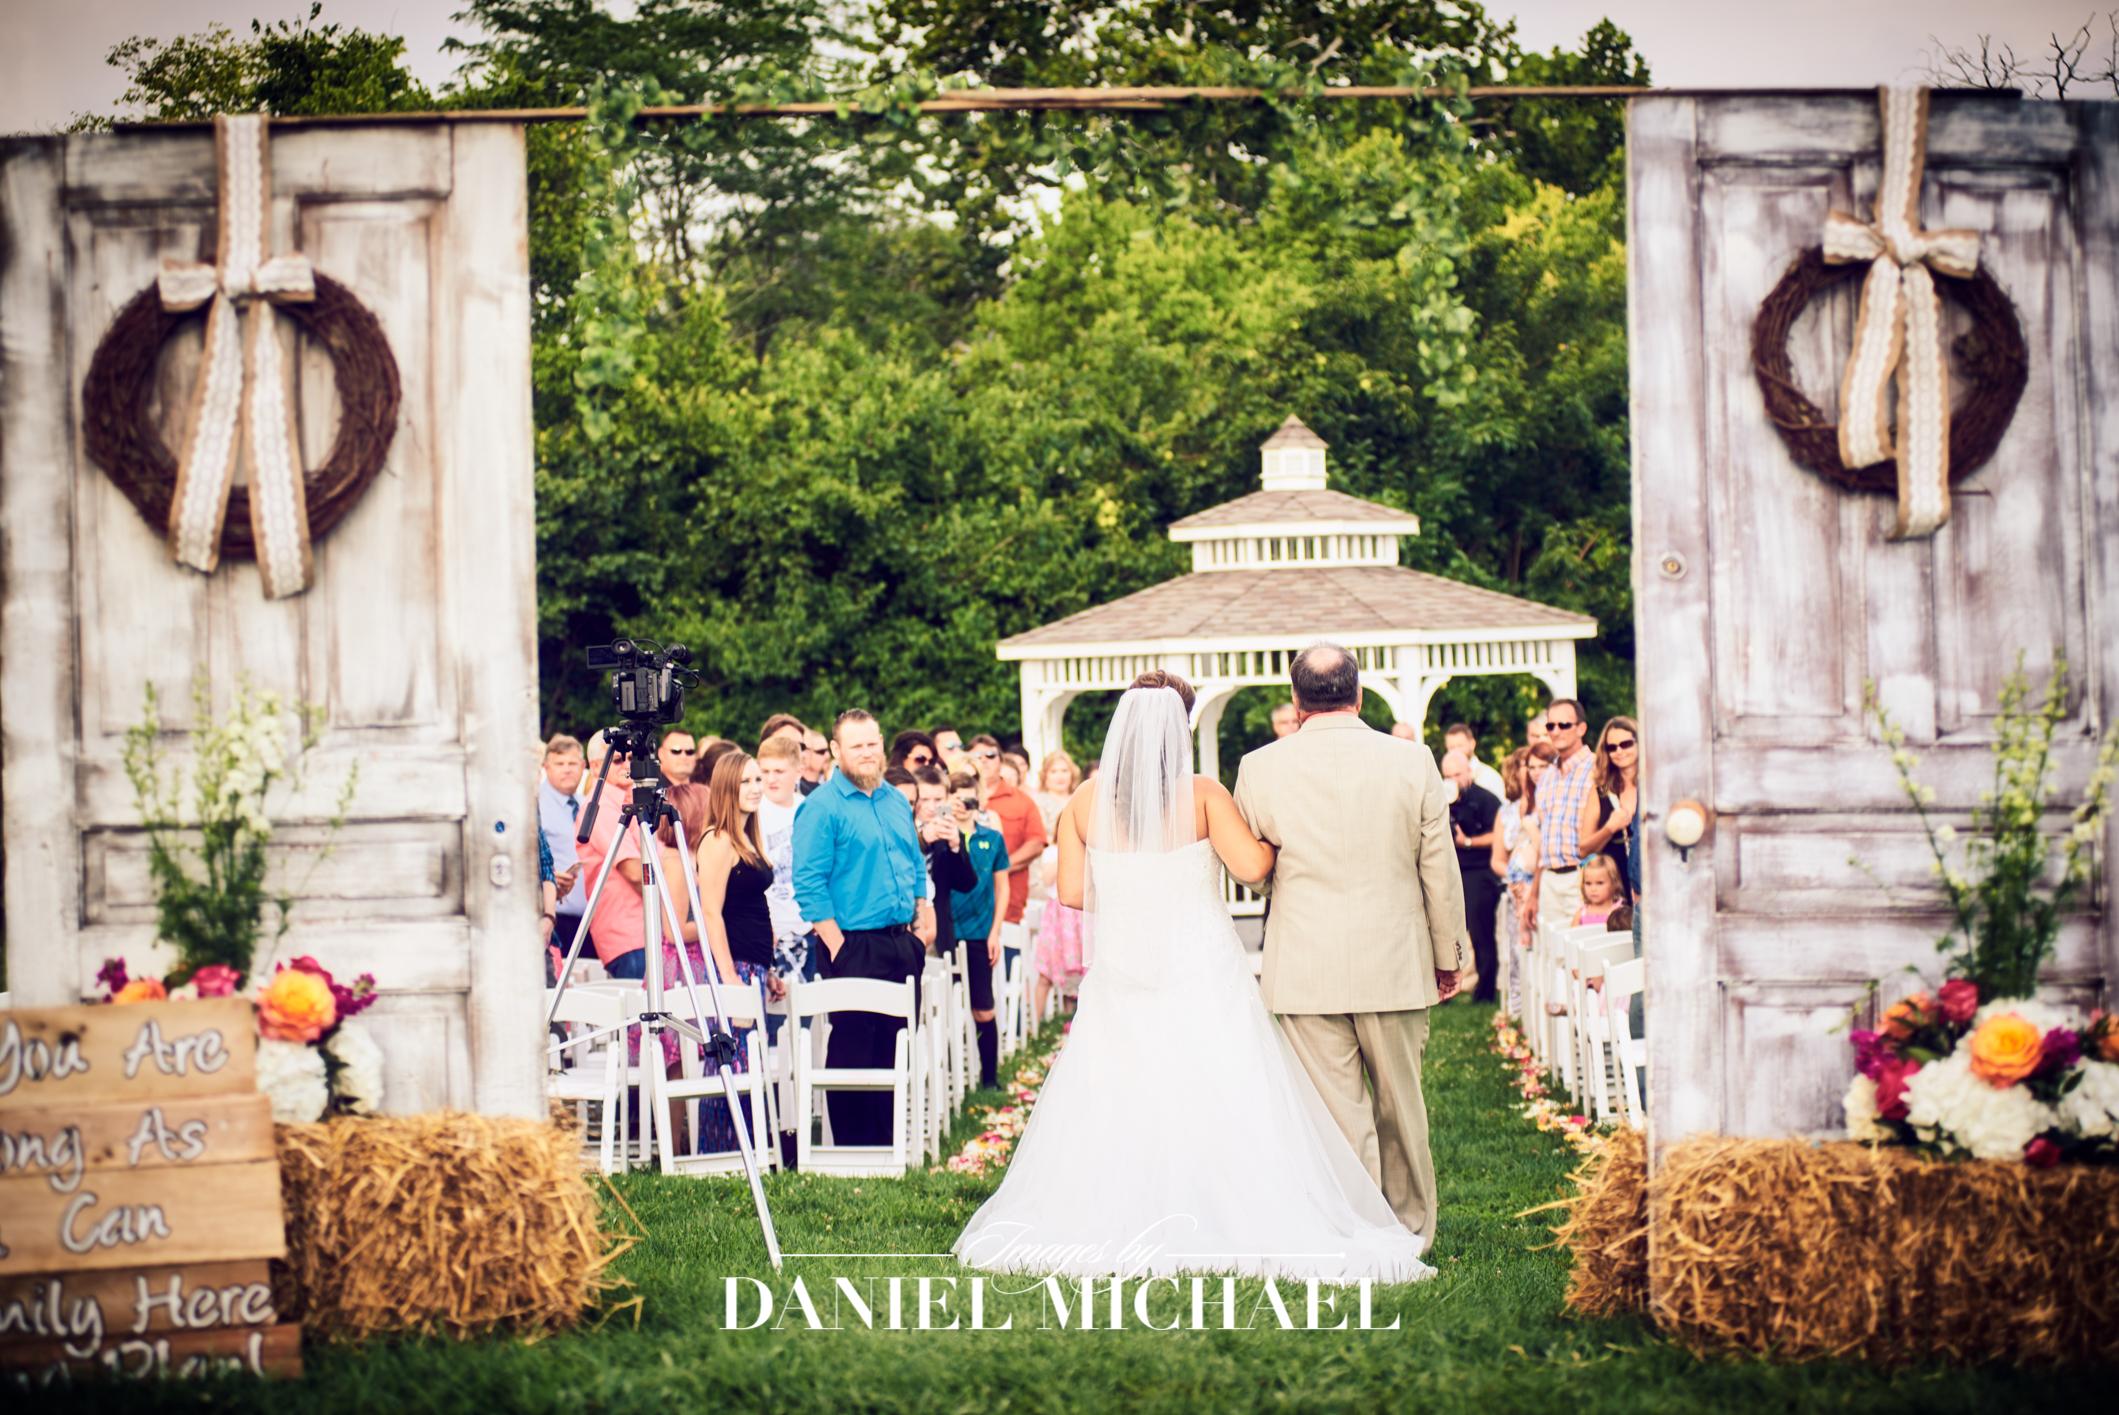 Niederman Farm Wedding Venue Photography